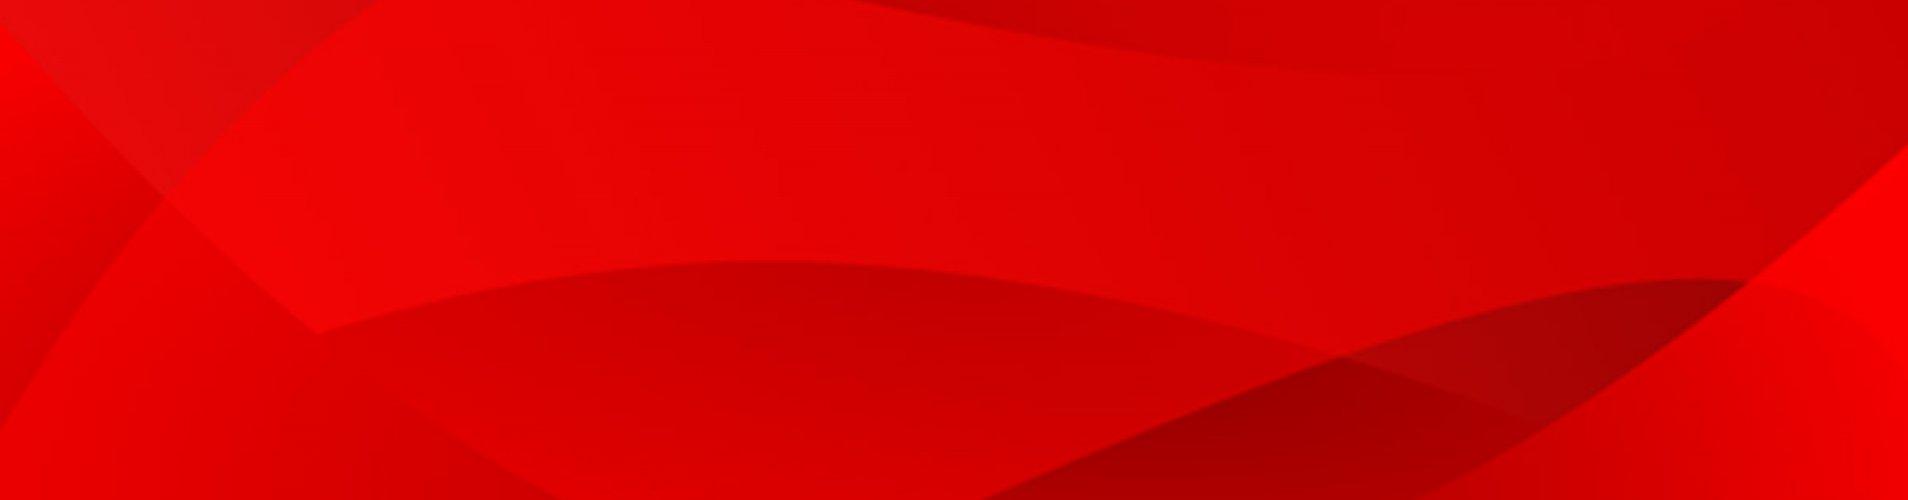 Güncellenme Zamanı: 12.05.2020 13:50:14